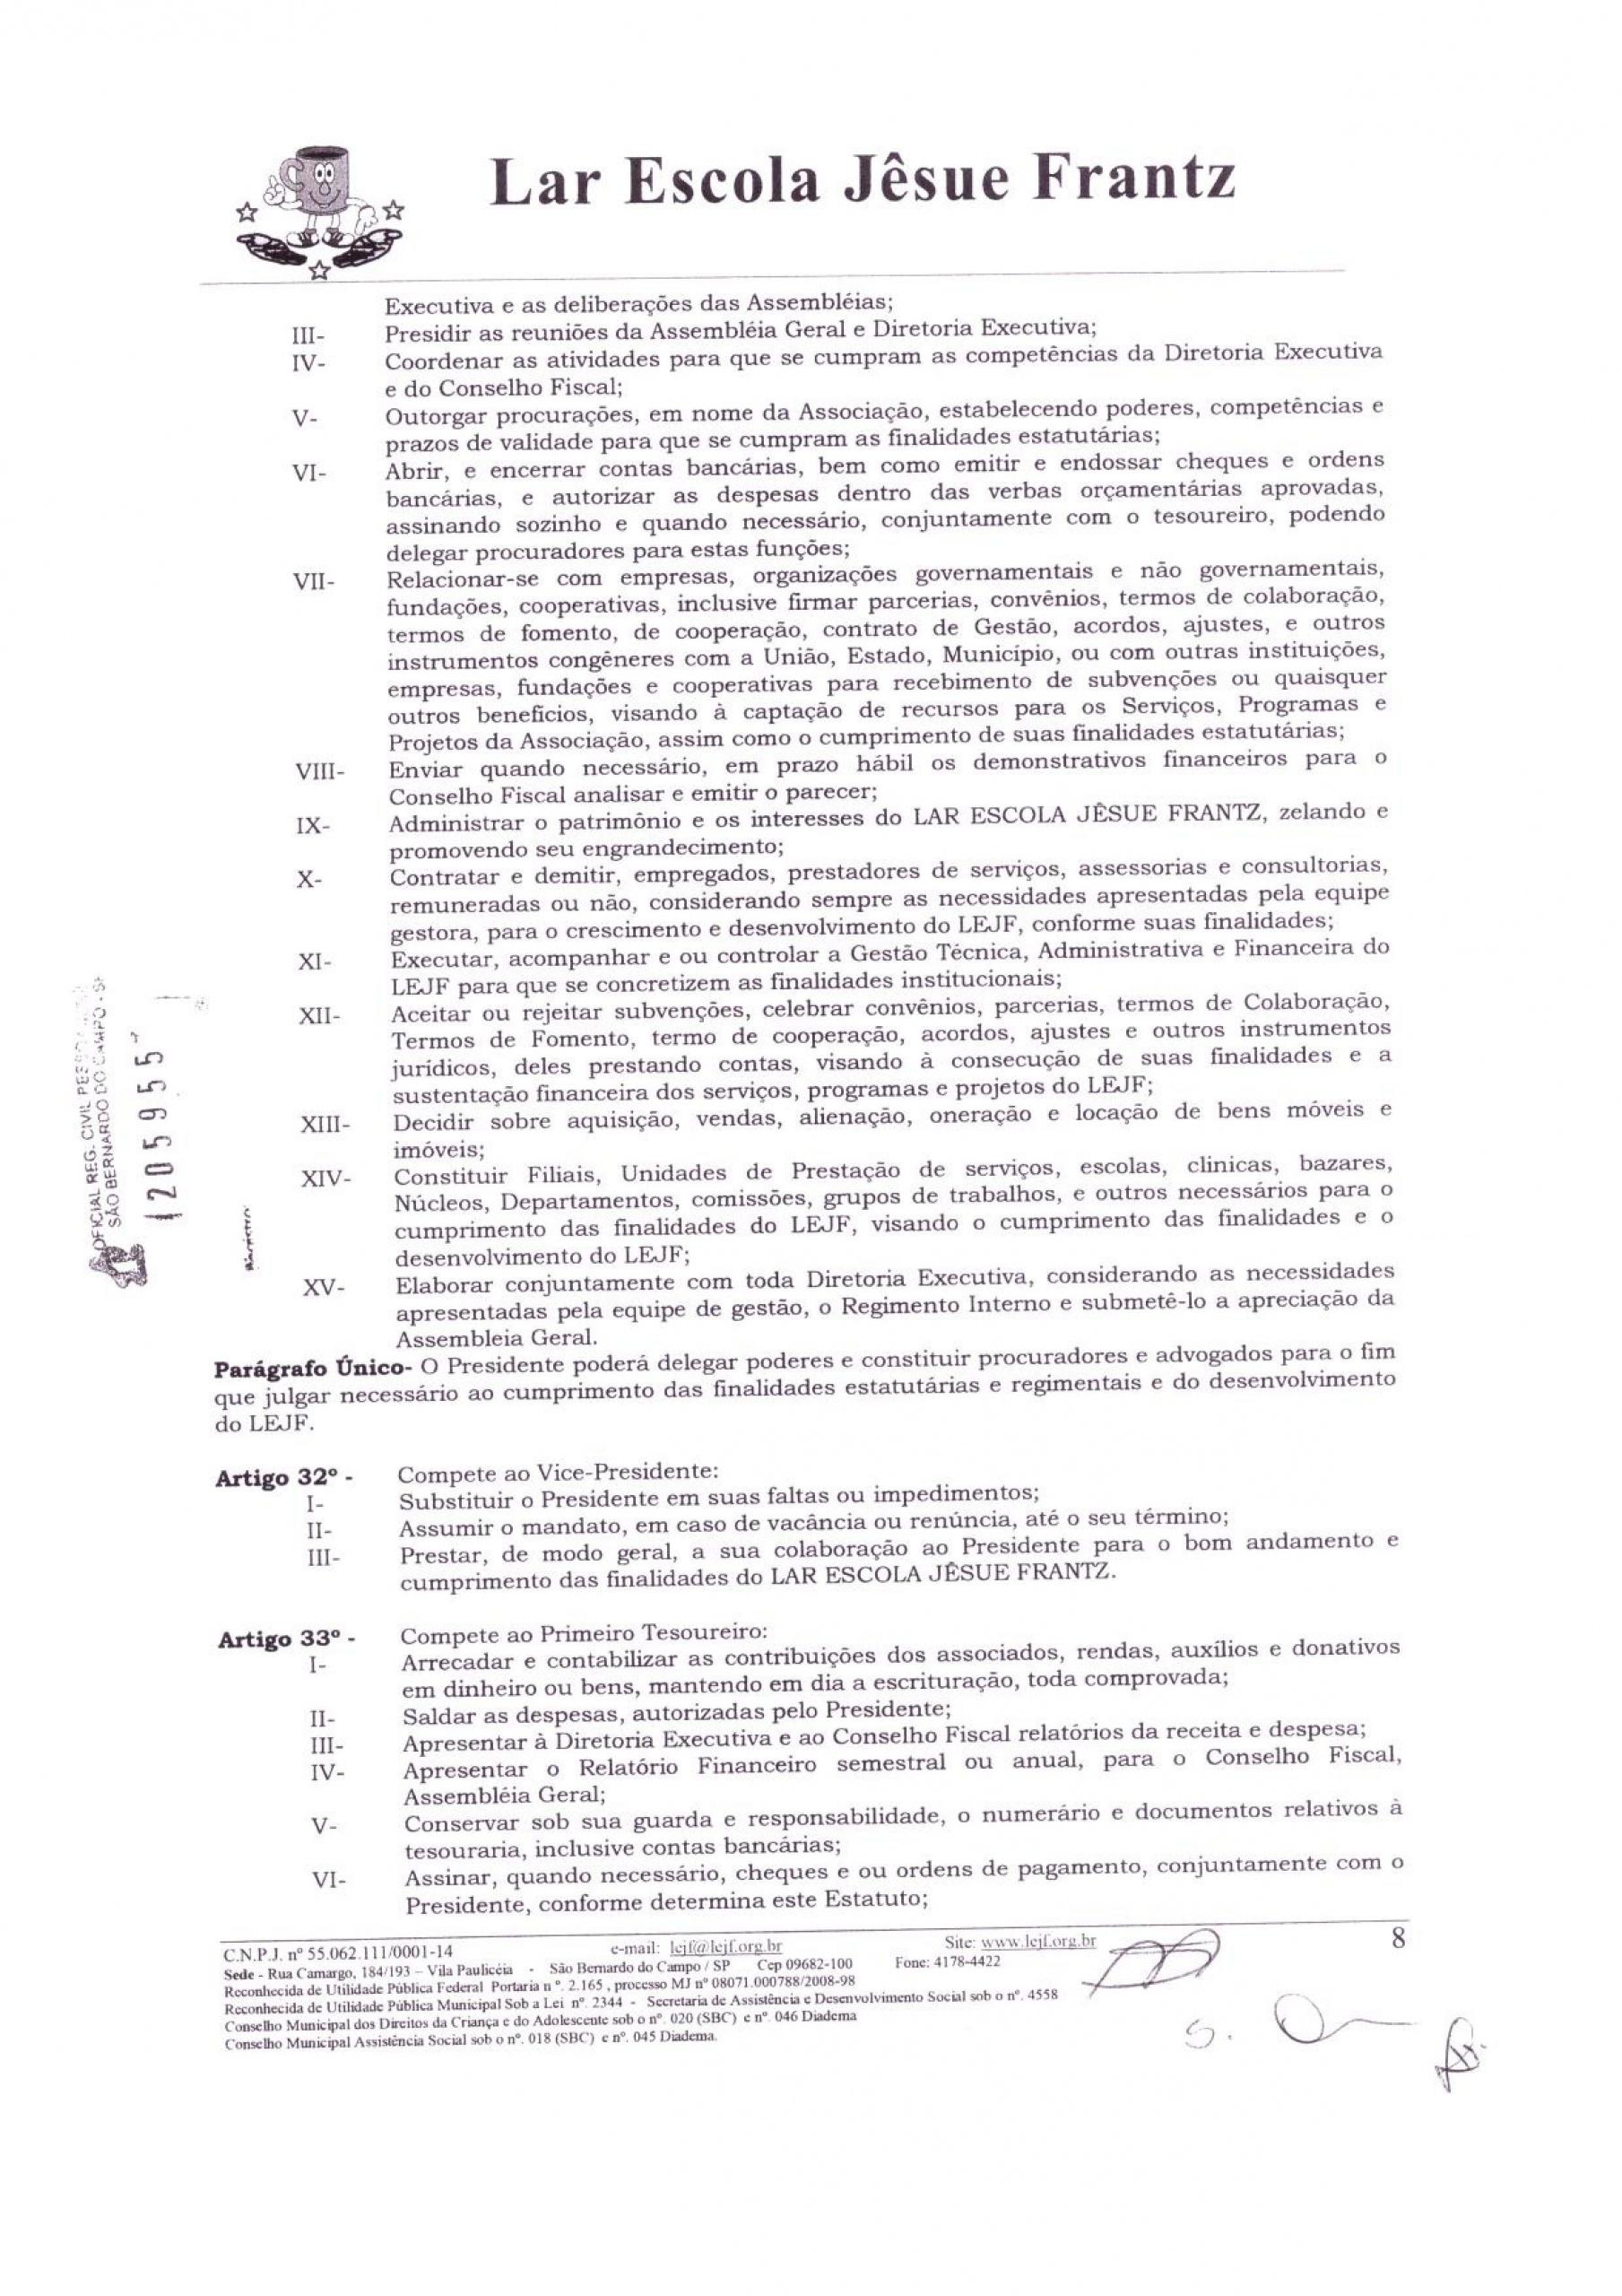 0008 - Estatuto 2018